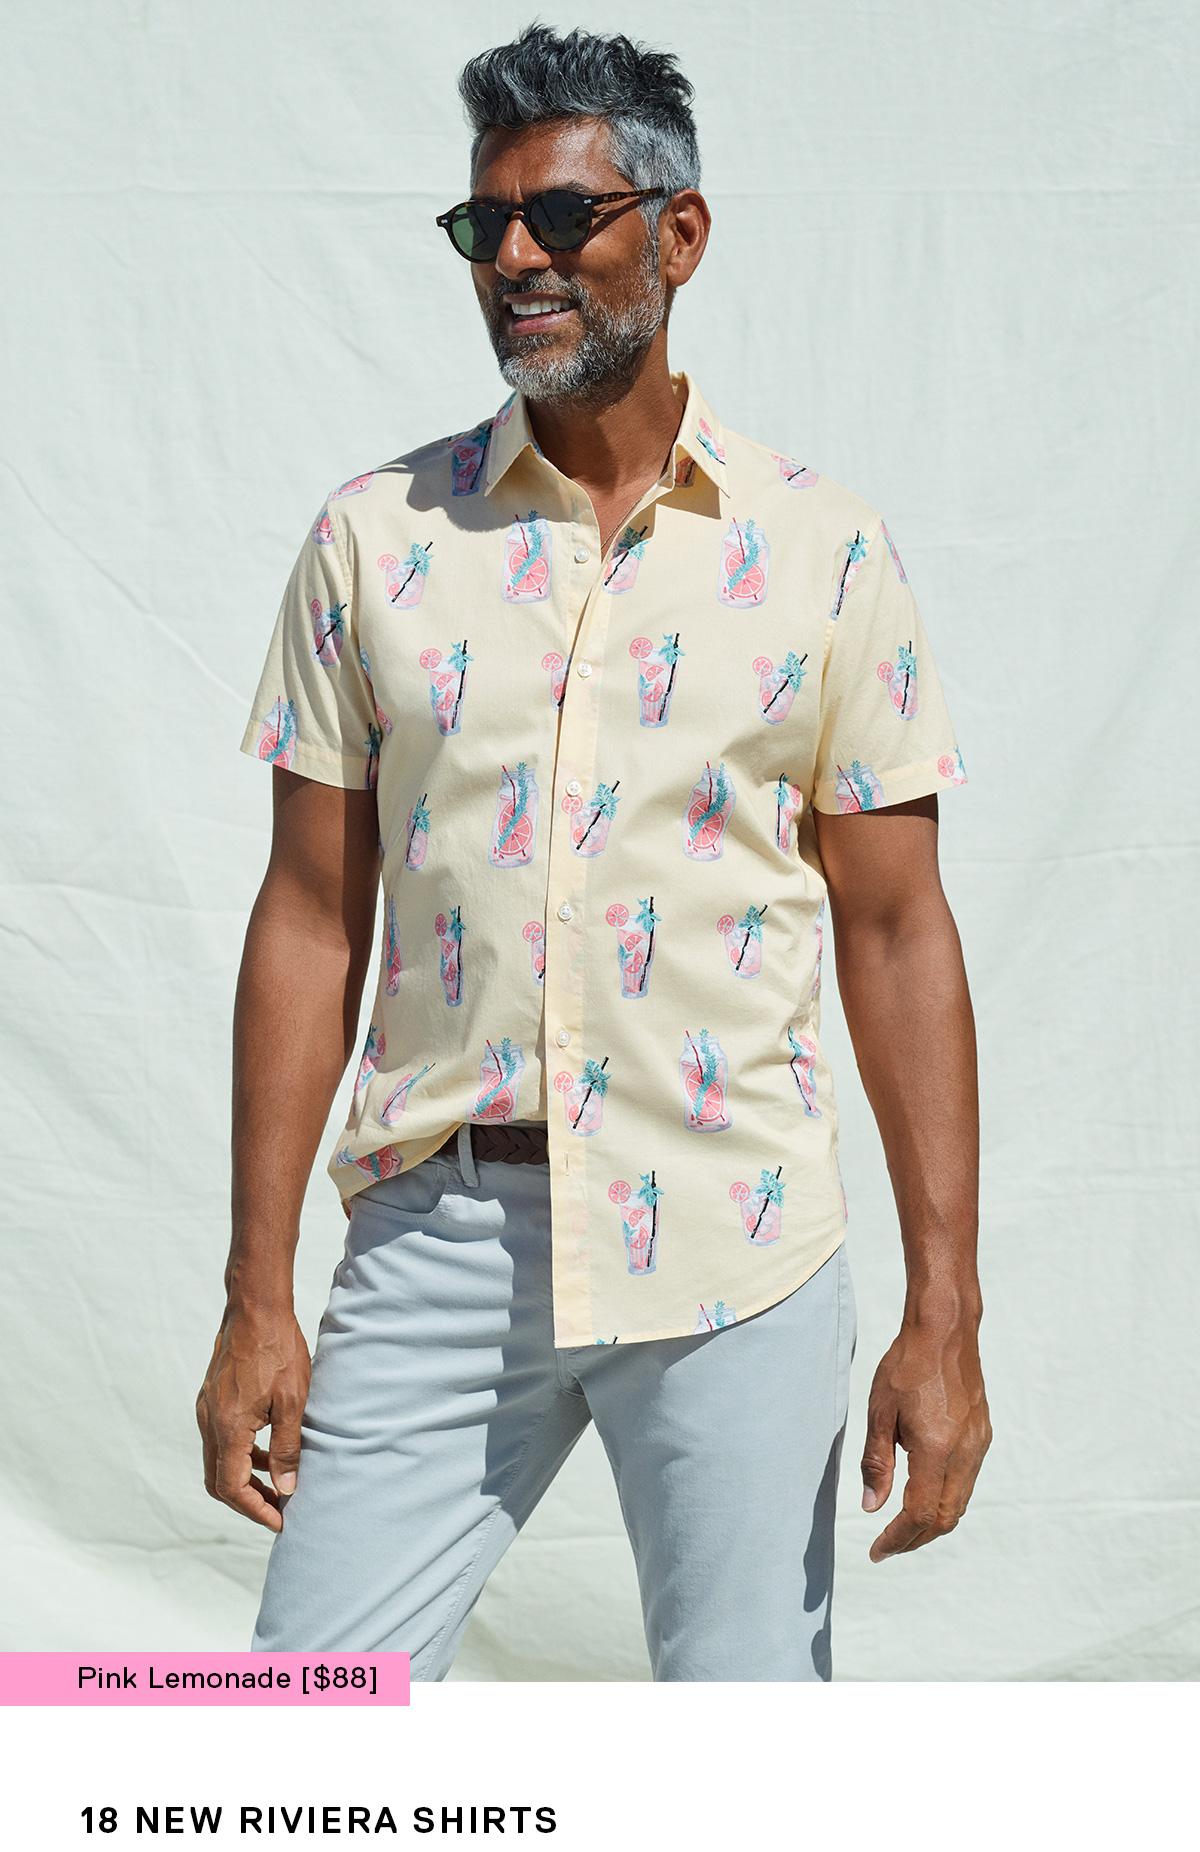 18 New Riviera Shirts